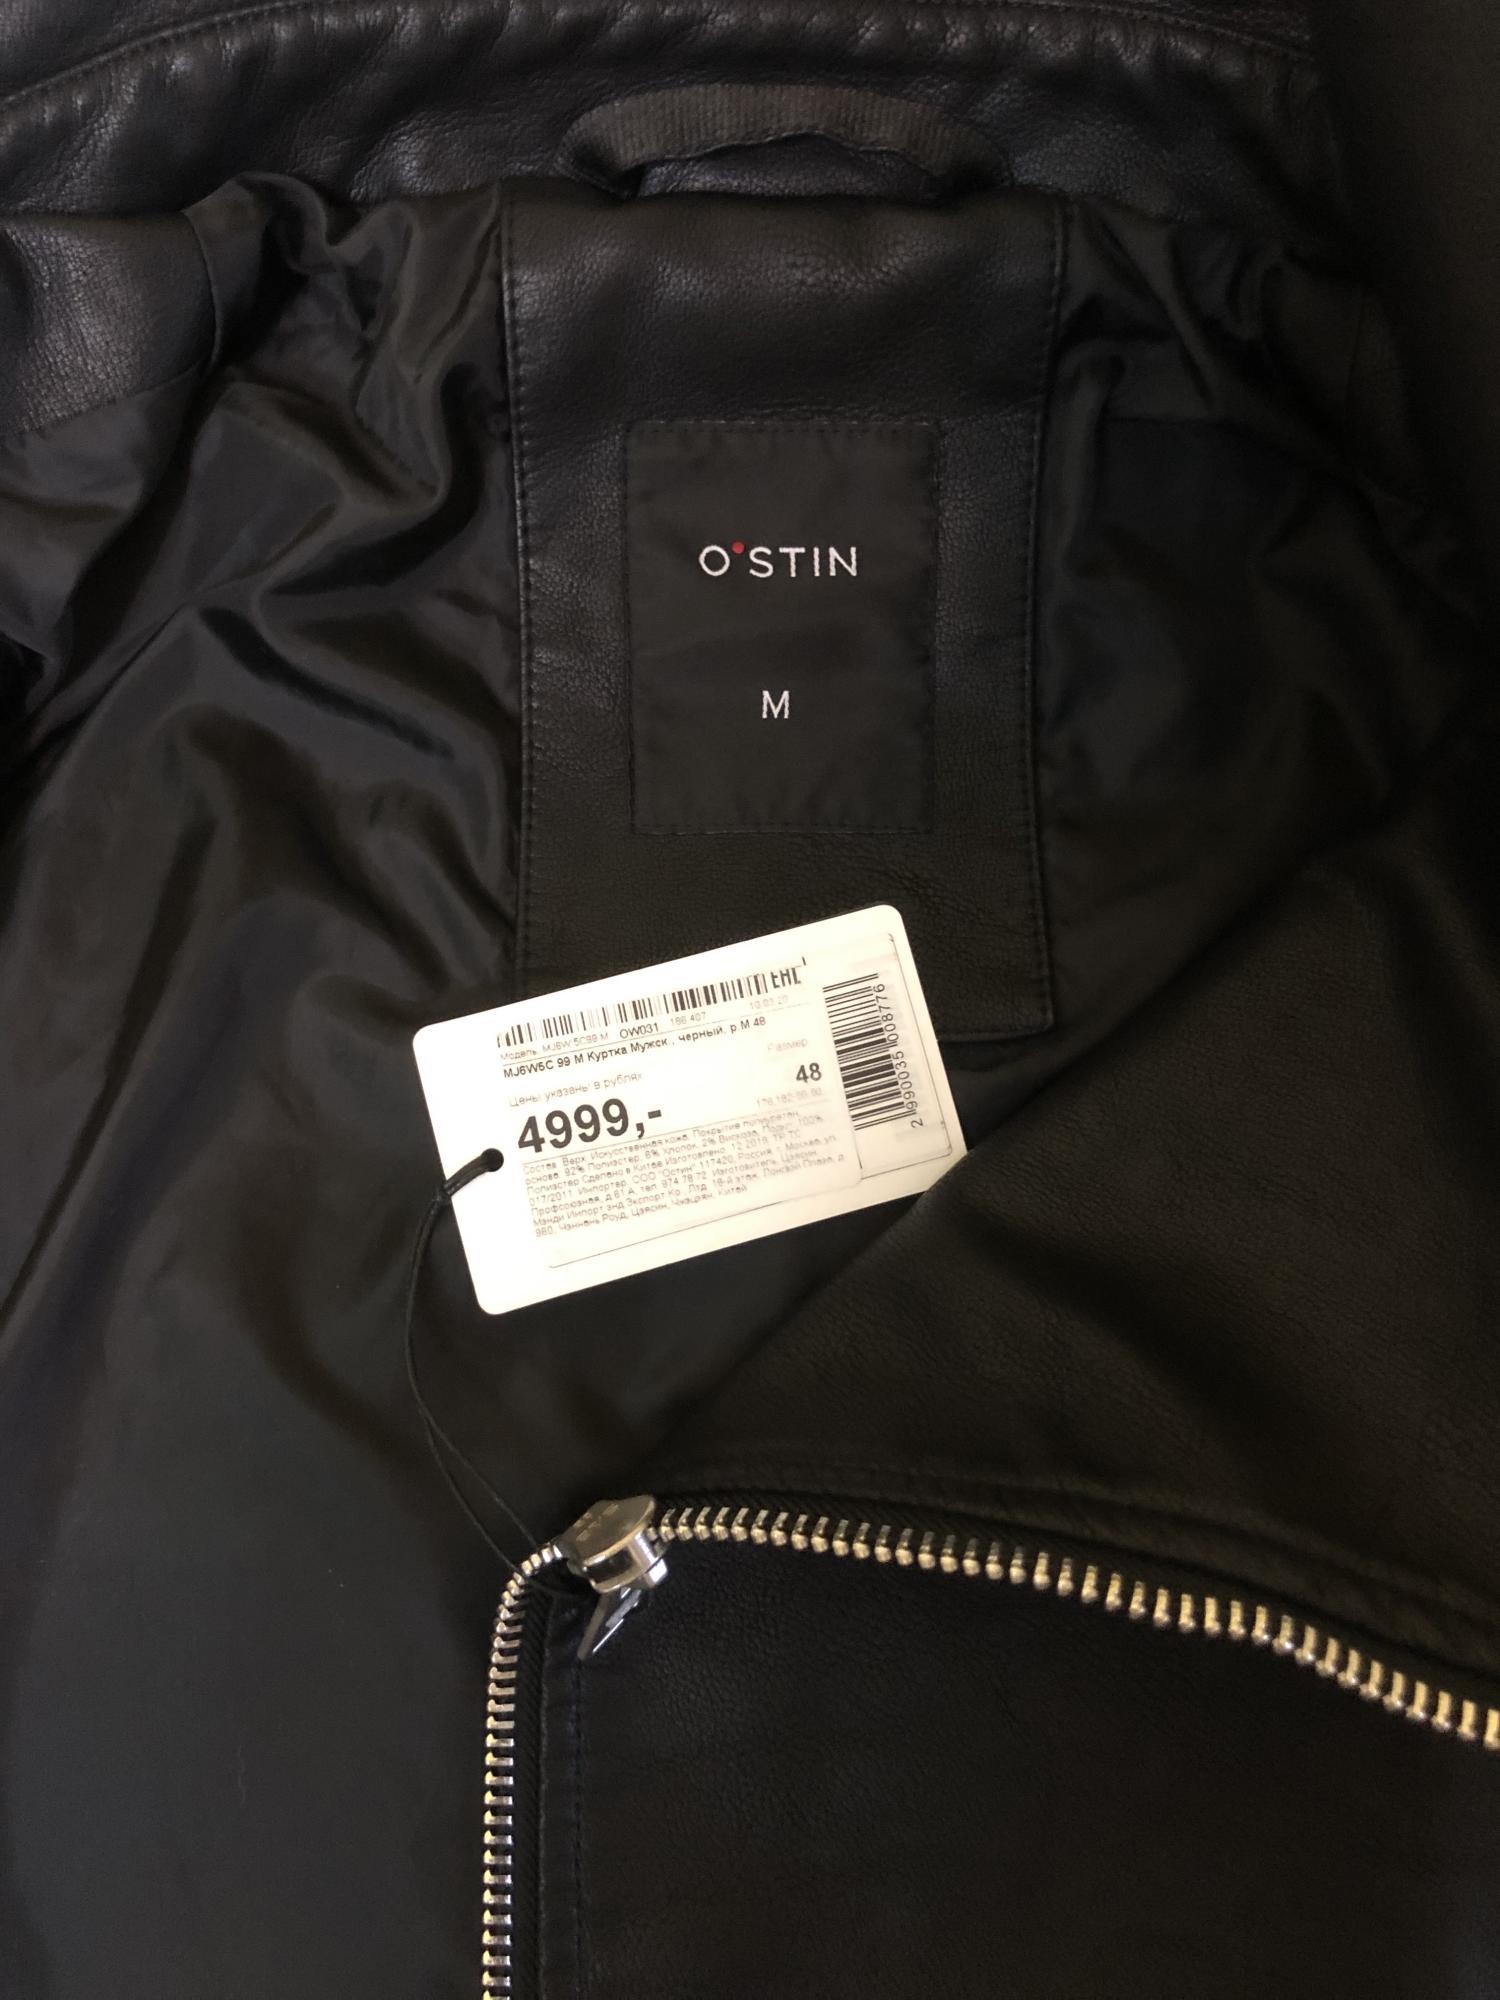 Мужская черная куртка O'stin в Москве 89256096656 купить 4